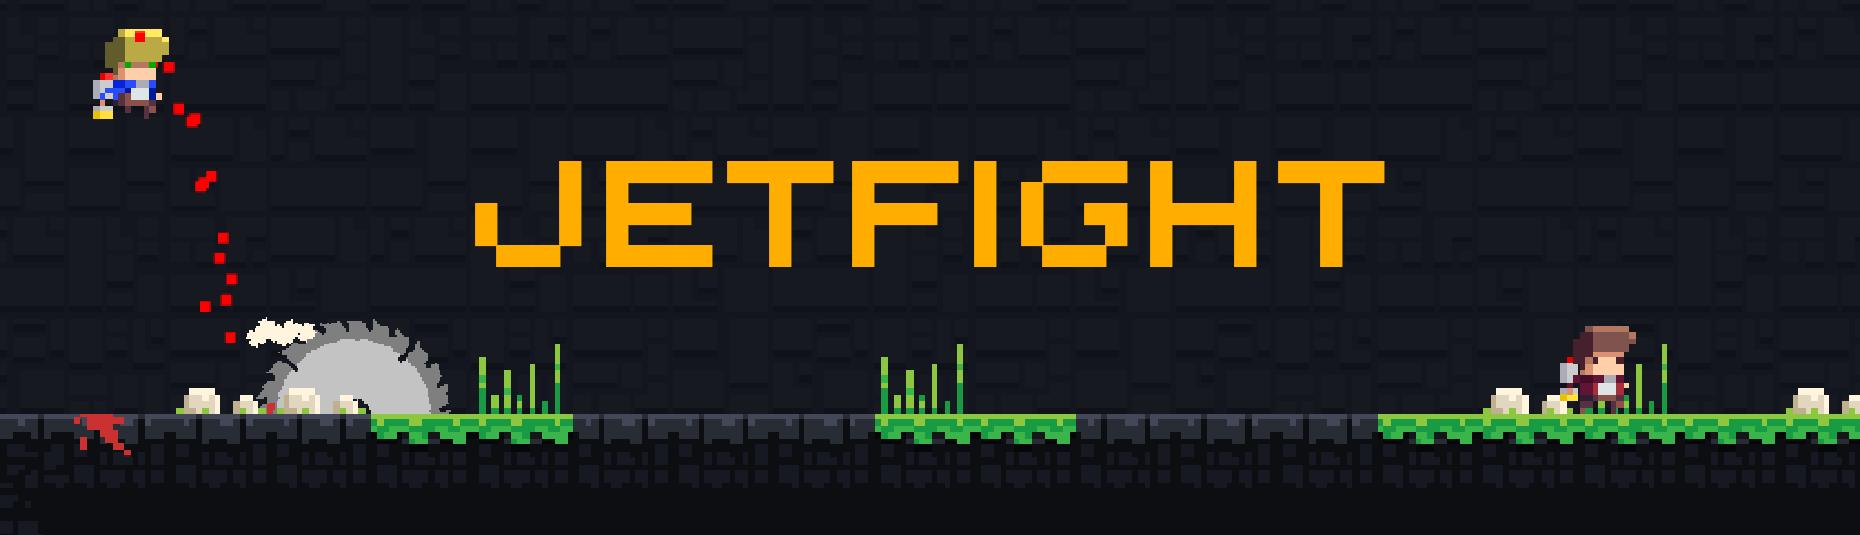 JetFight